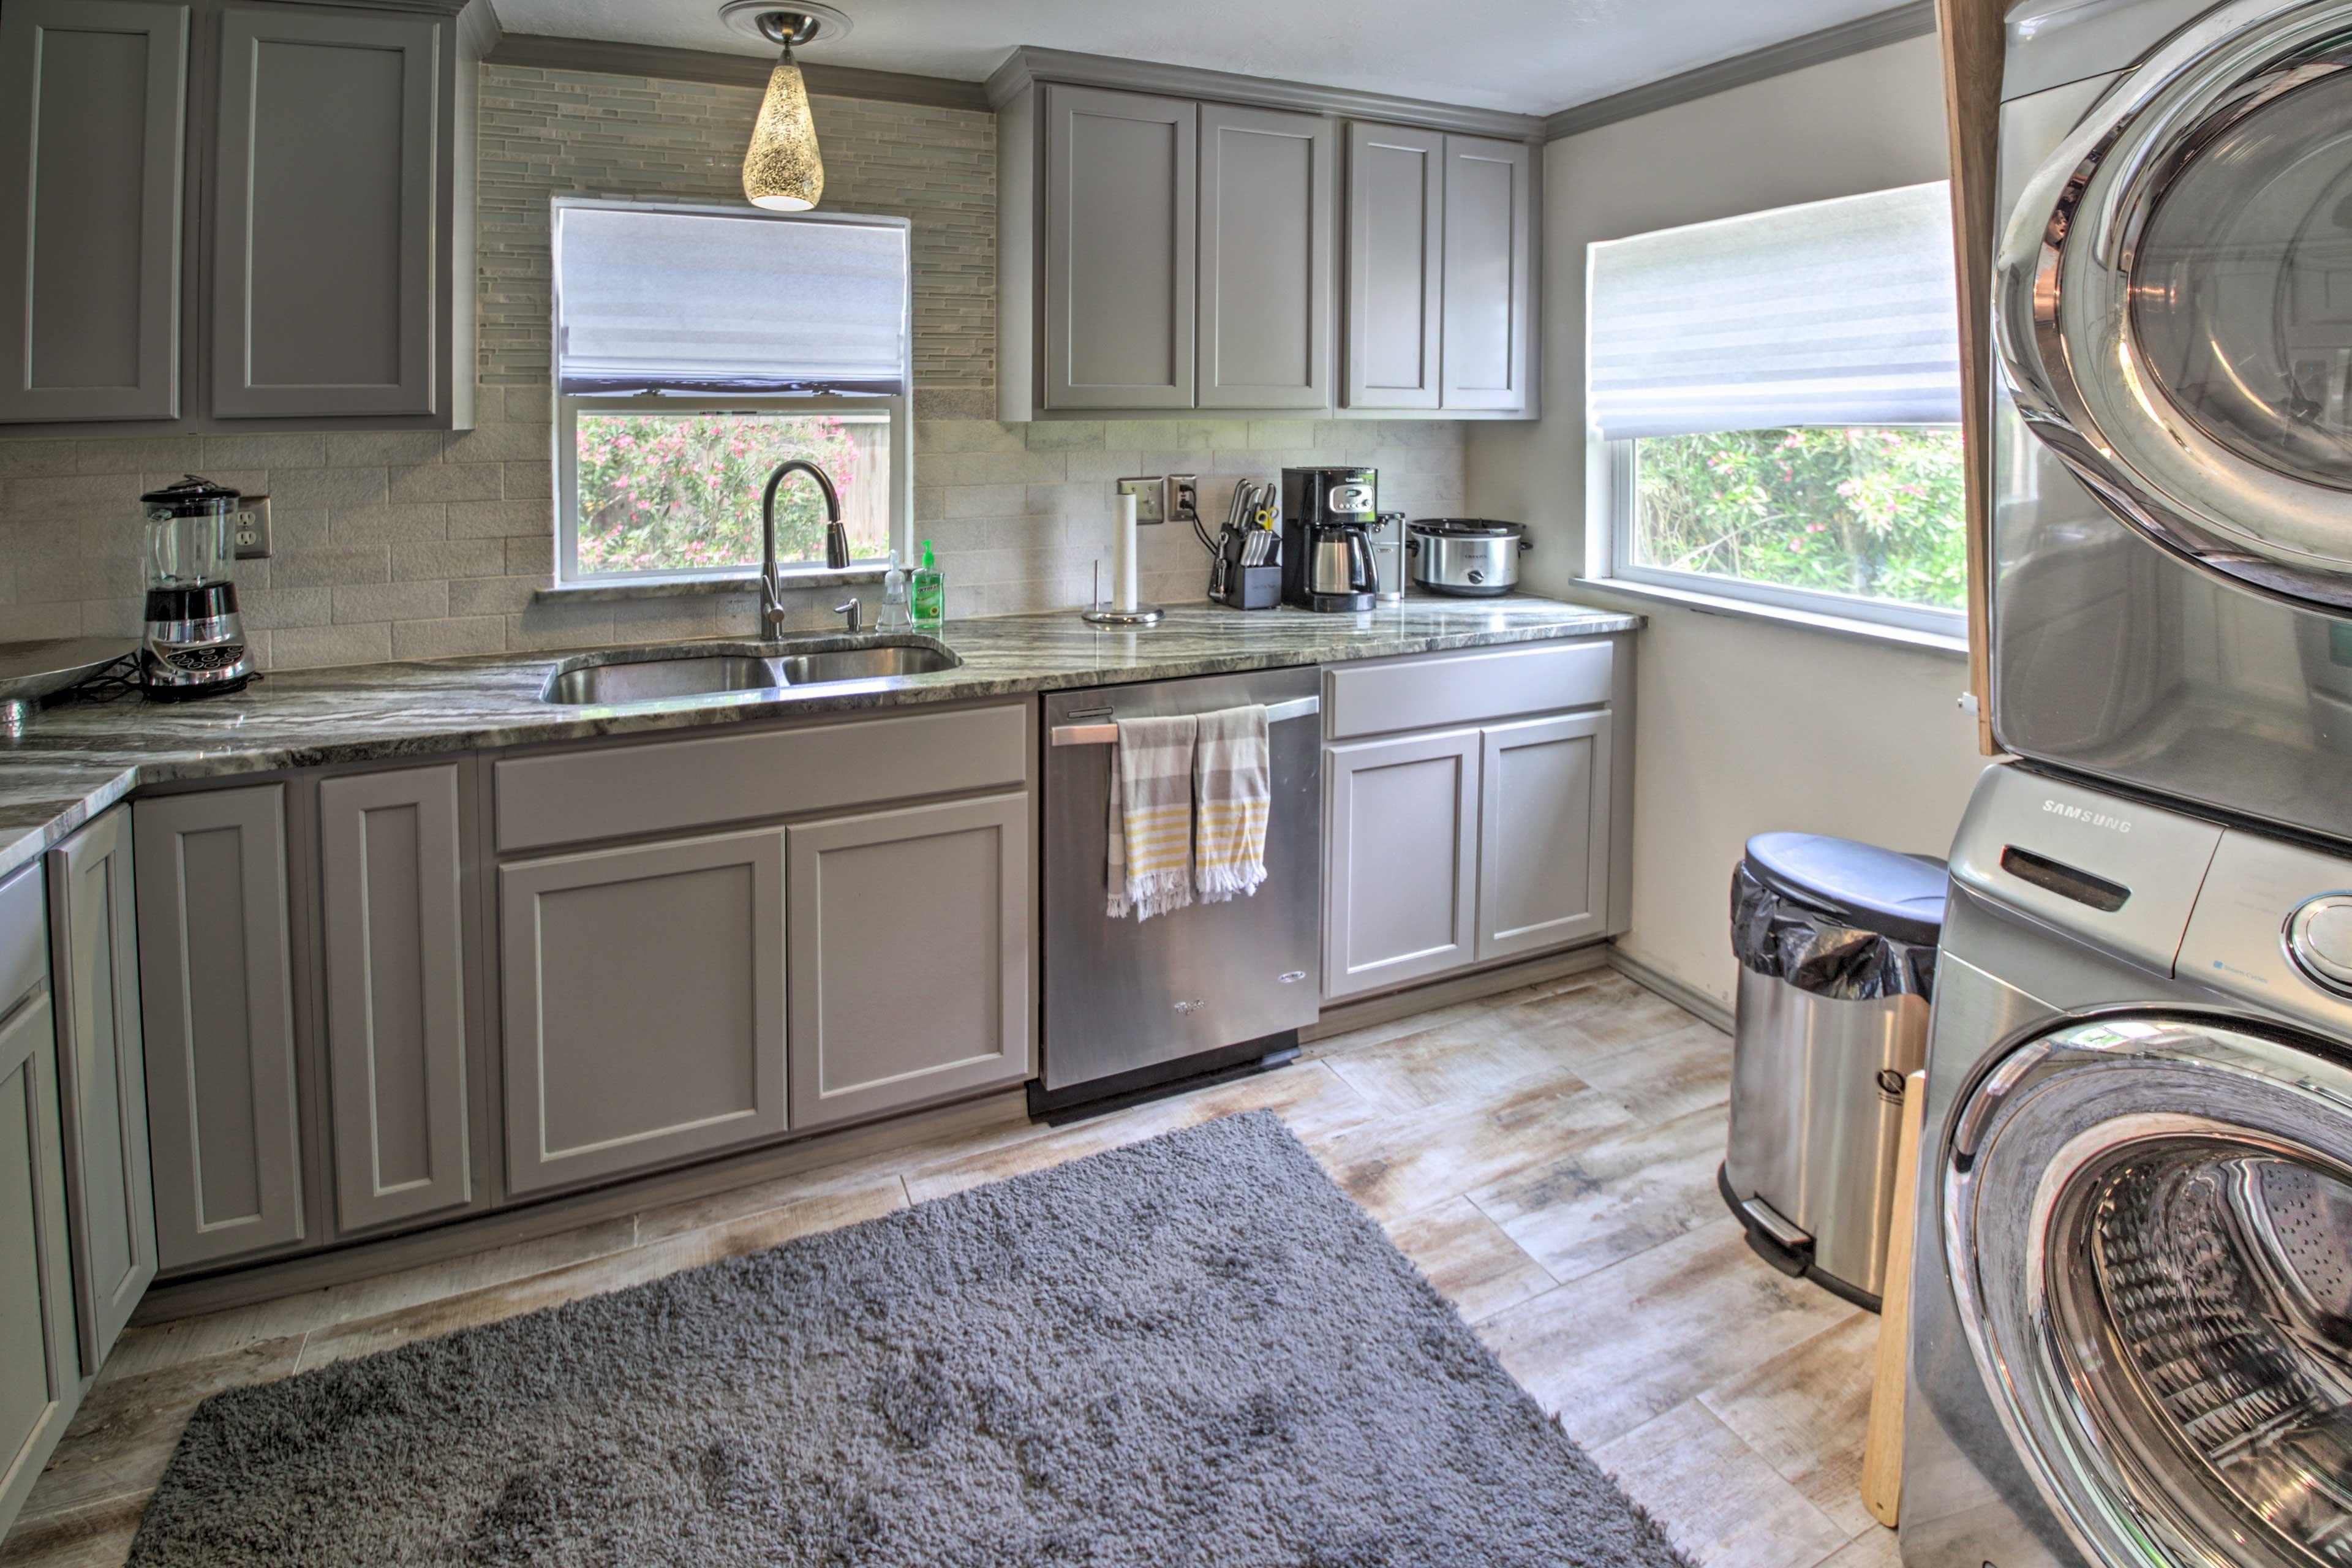 Fully Equipped Kitchen | Full Knife Set | Toaster | Blender